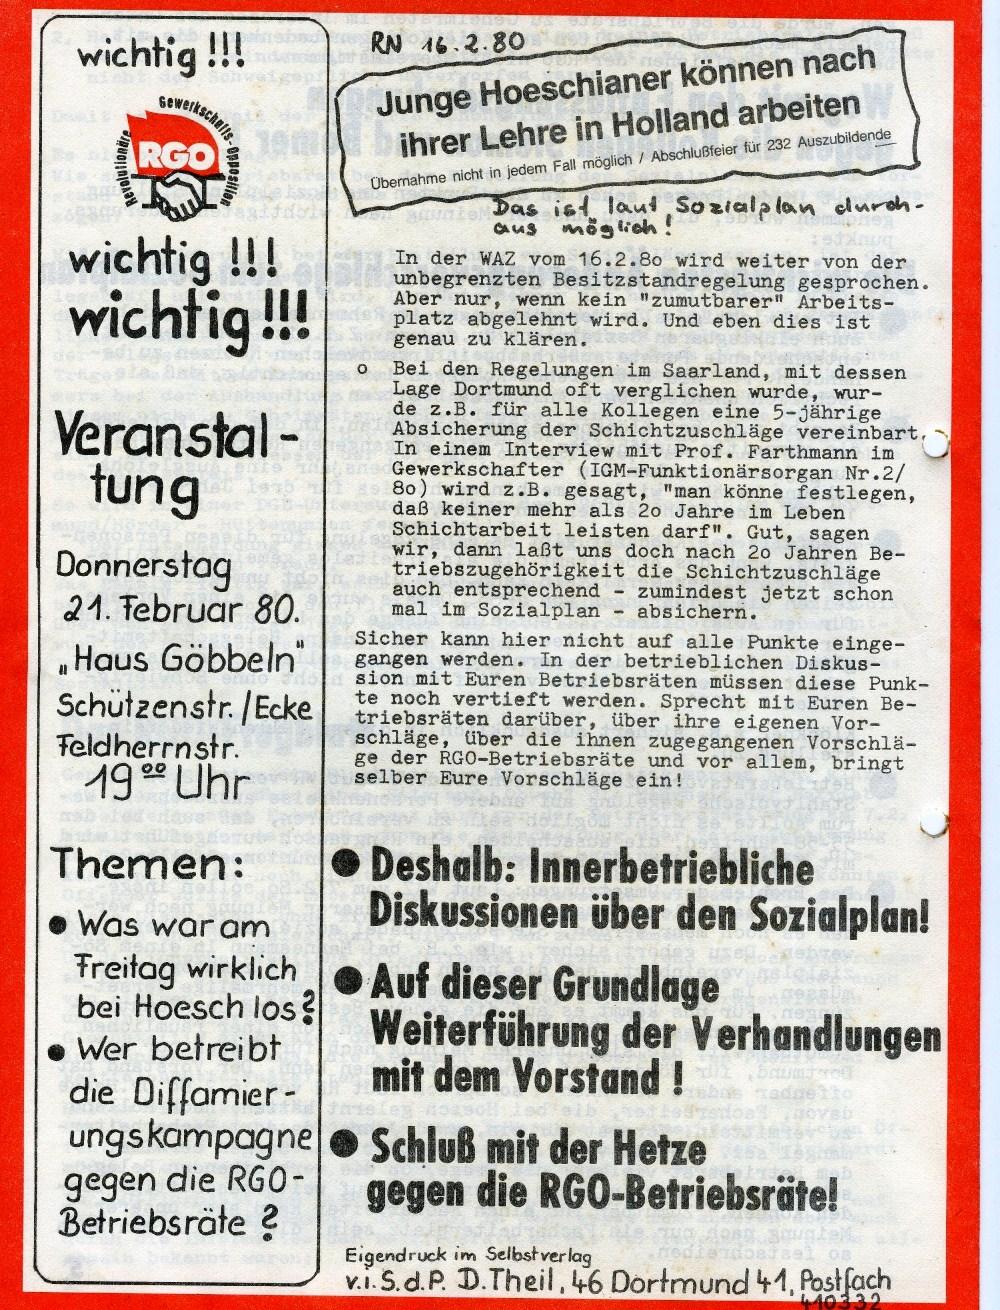 BG_Hoesch_RGO_Flugblatt_1980_06